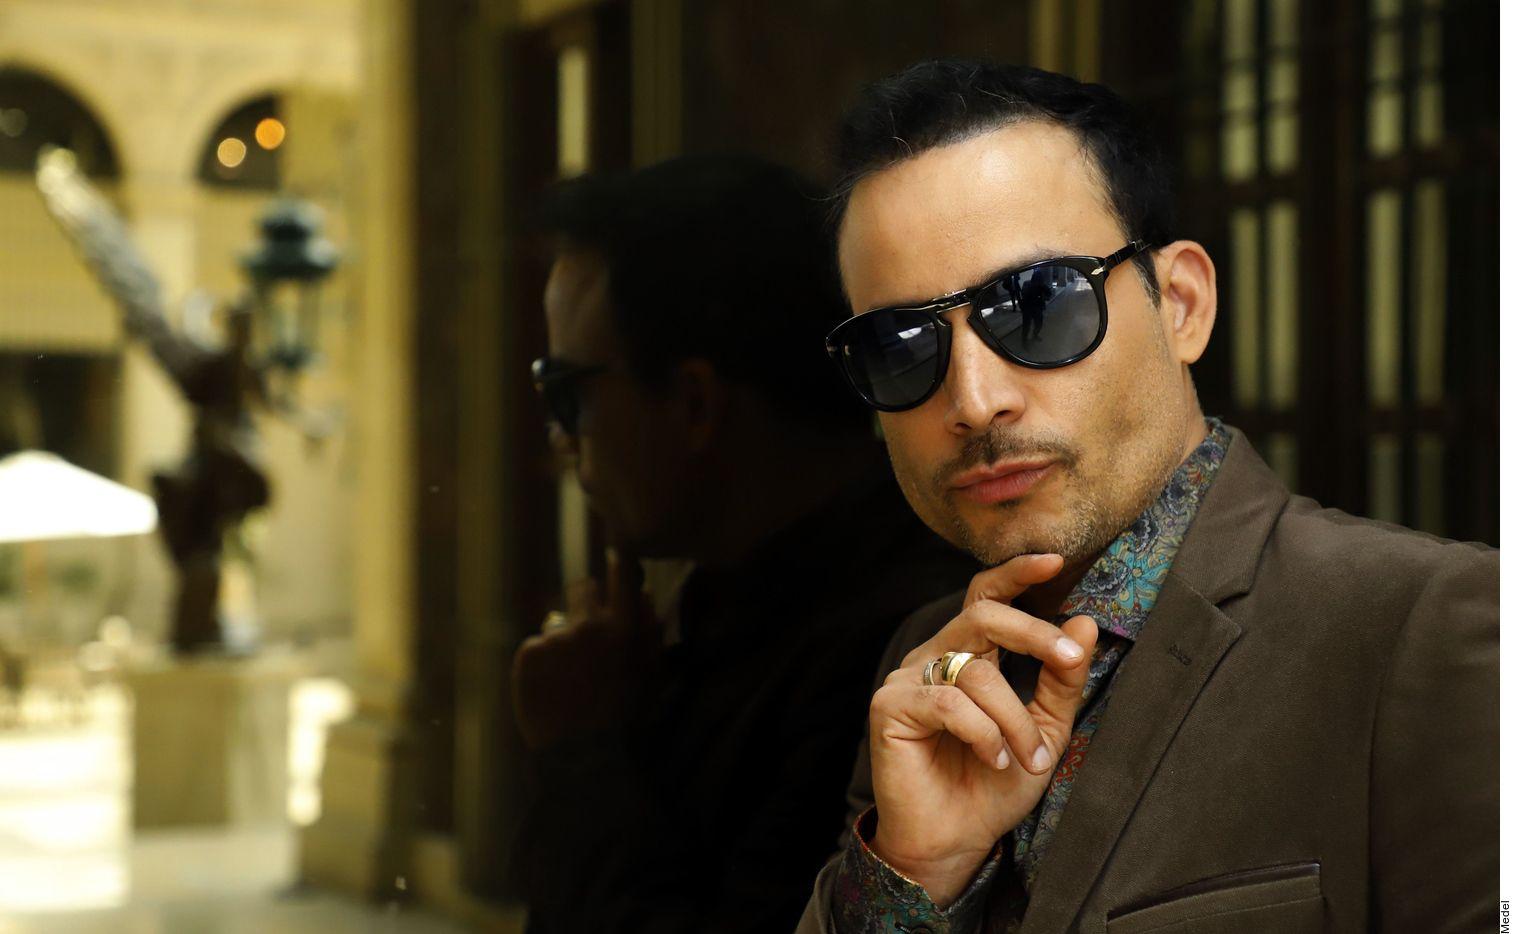 """En su nuevo disco, el cual planea lanzar a finales de mayo o principios de junio, el cantautor sinaloense Germán Montero incluirá la melodía """"Culpable o no"""". AGENCIA REFORMA"""